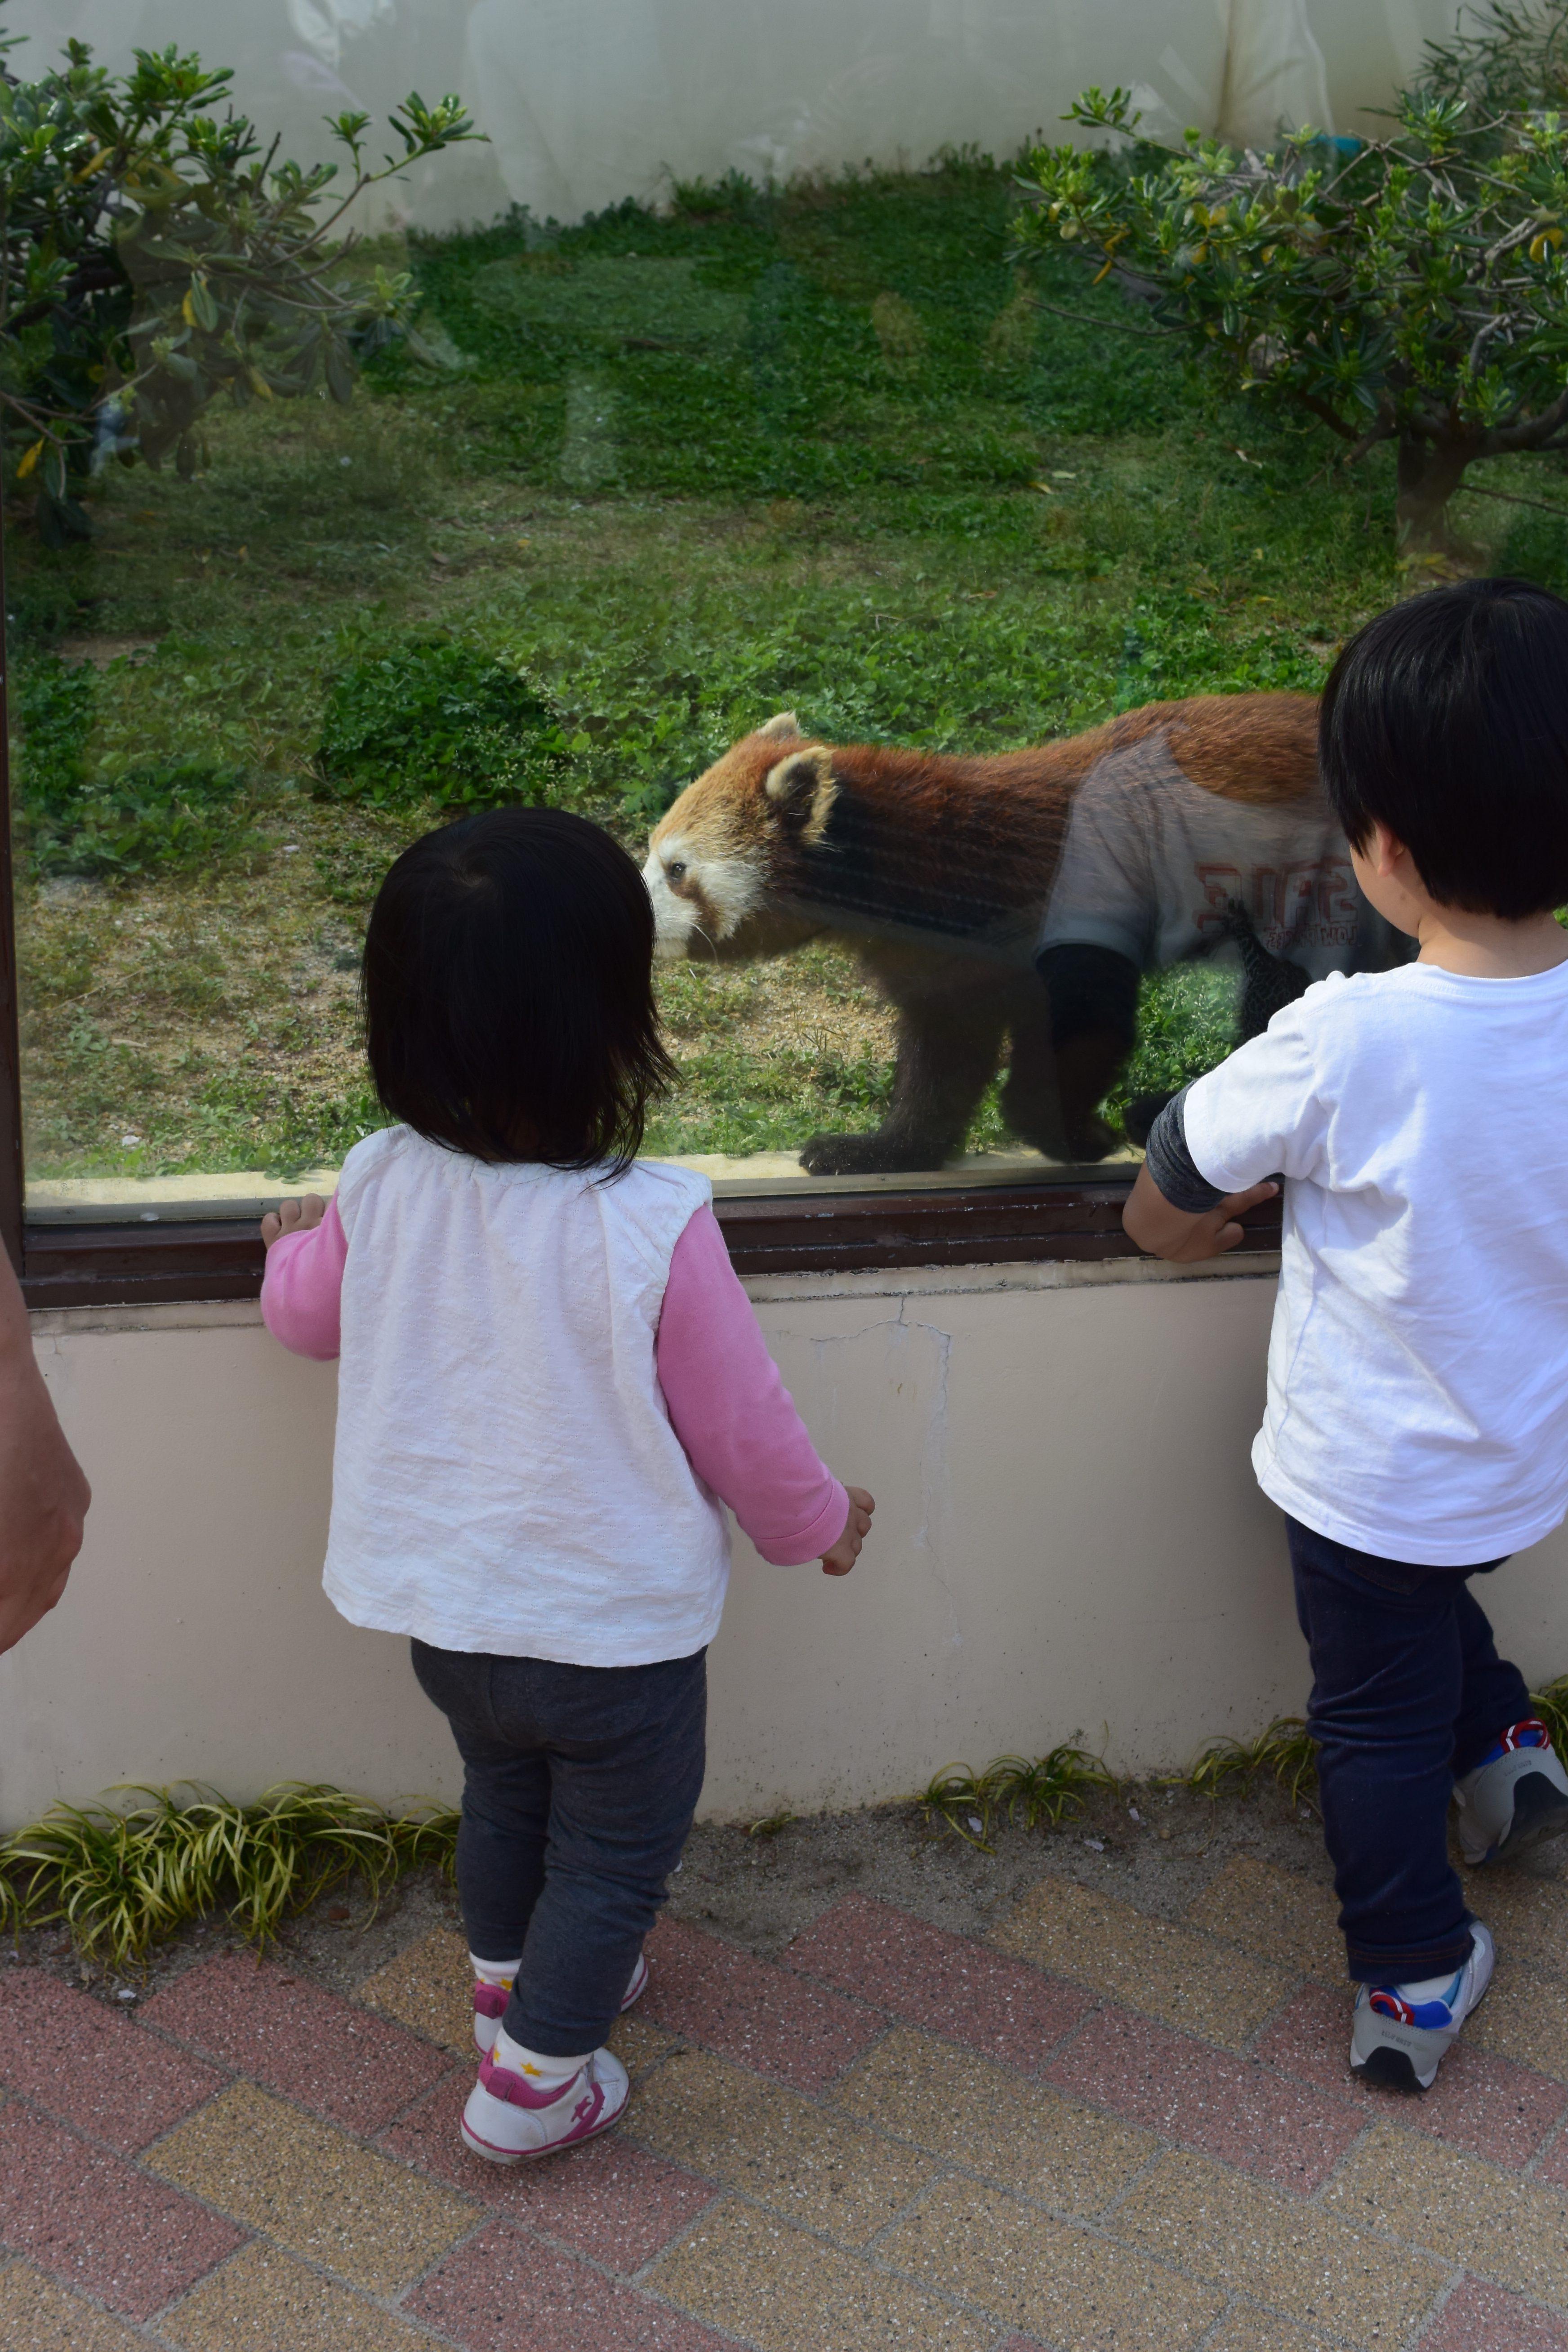 ゴリラ好き必見!京都市動物園は関西には少ないゴリラがいる動物園だよ